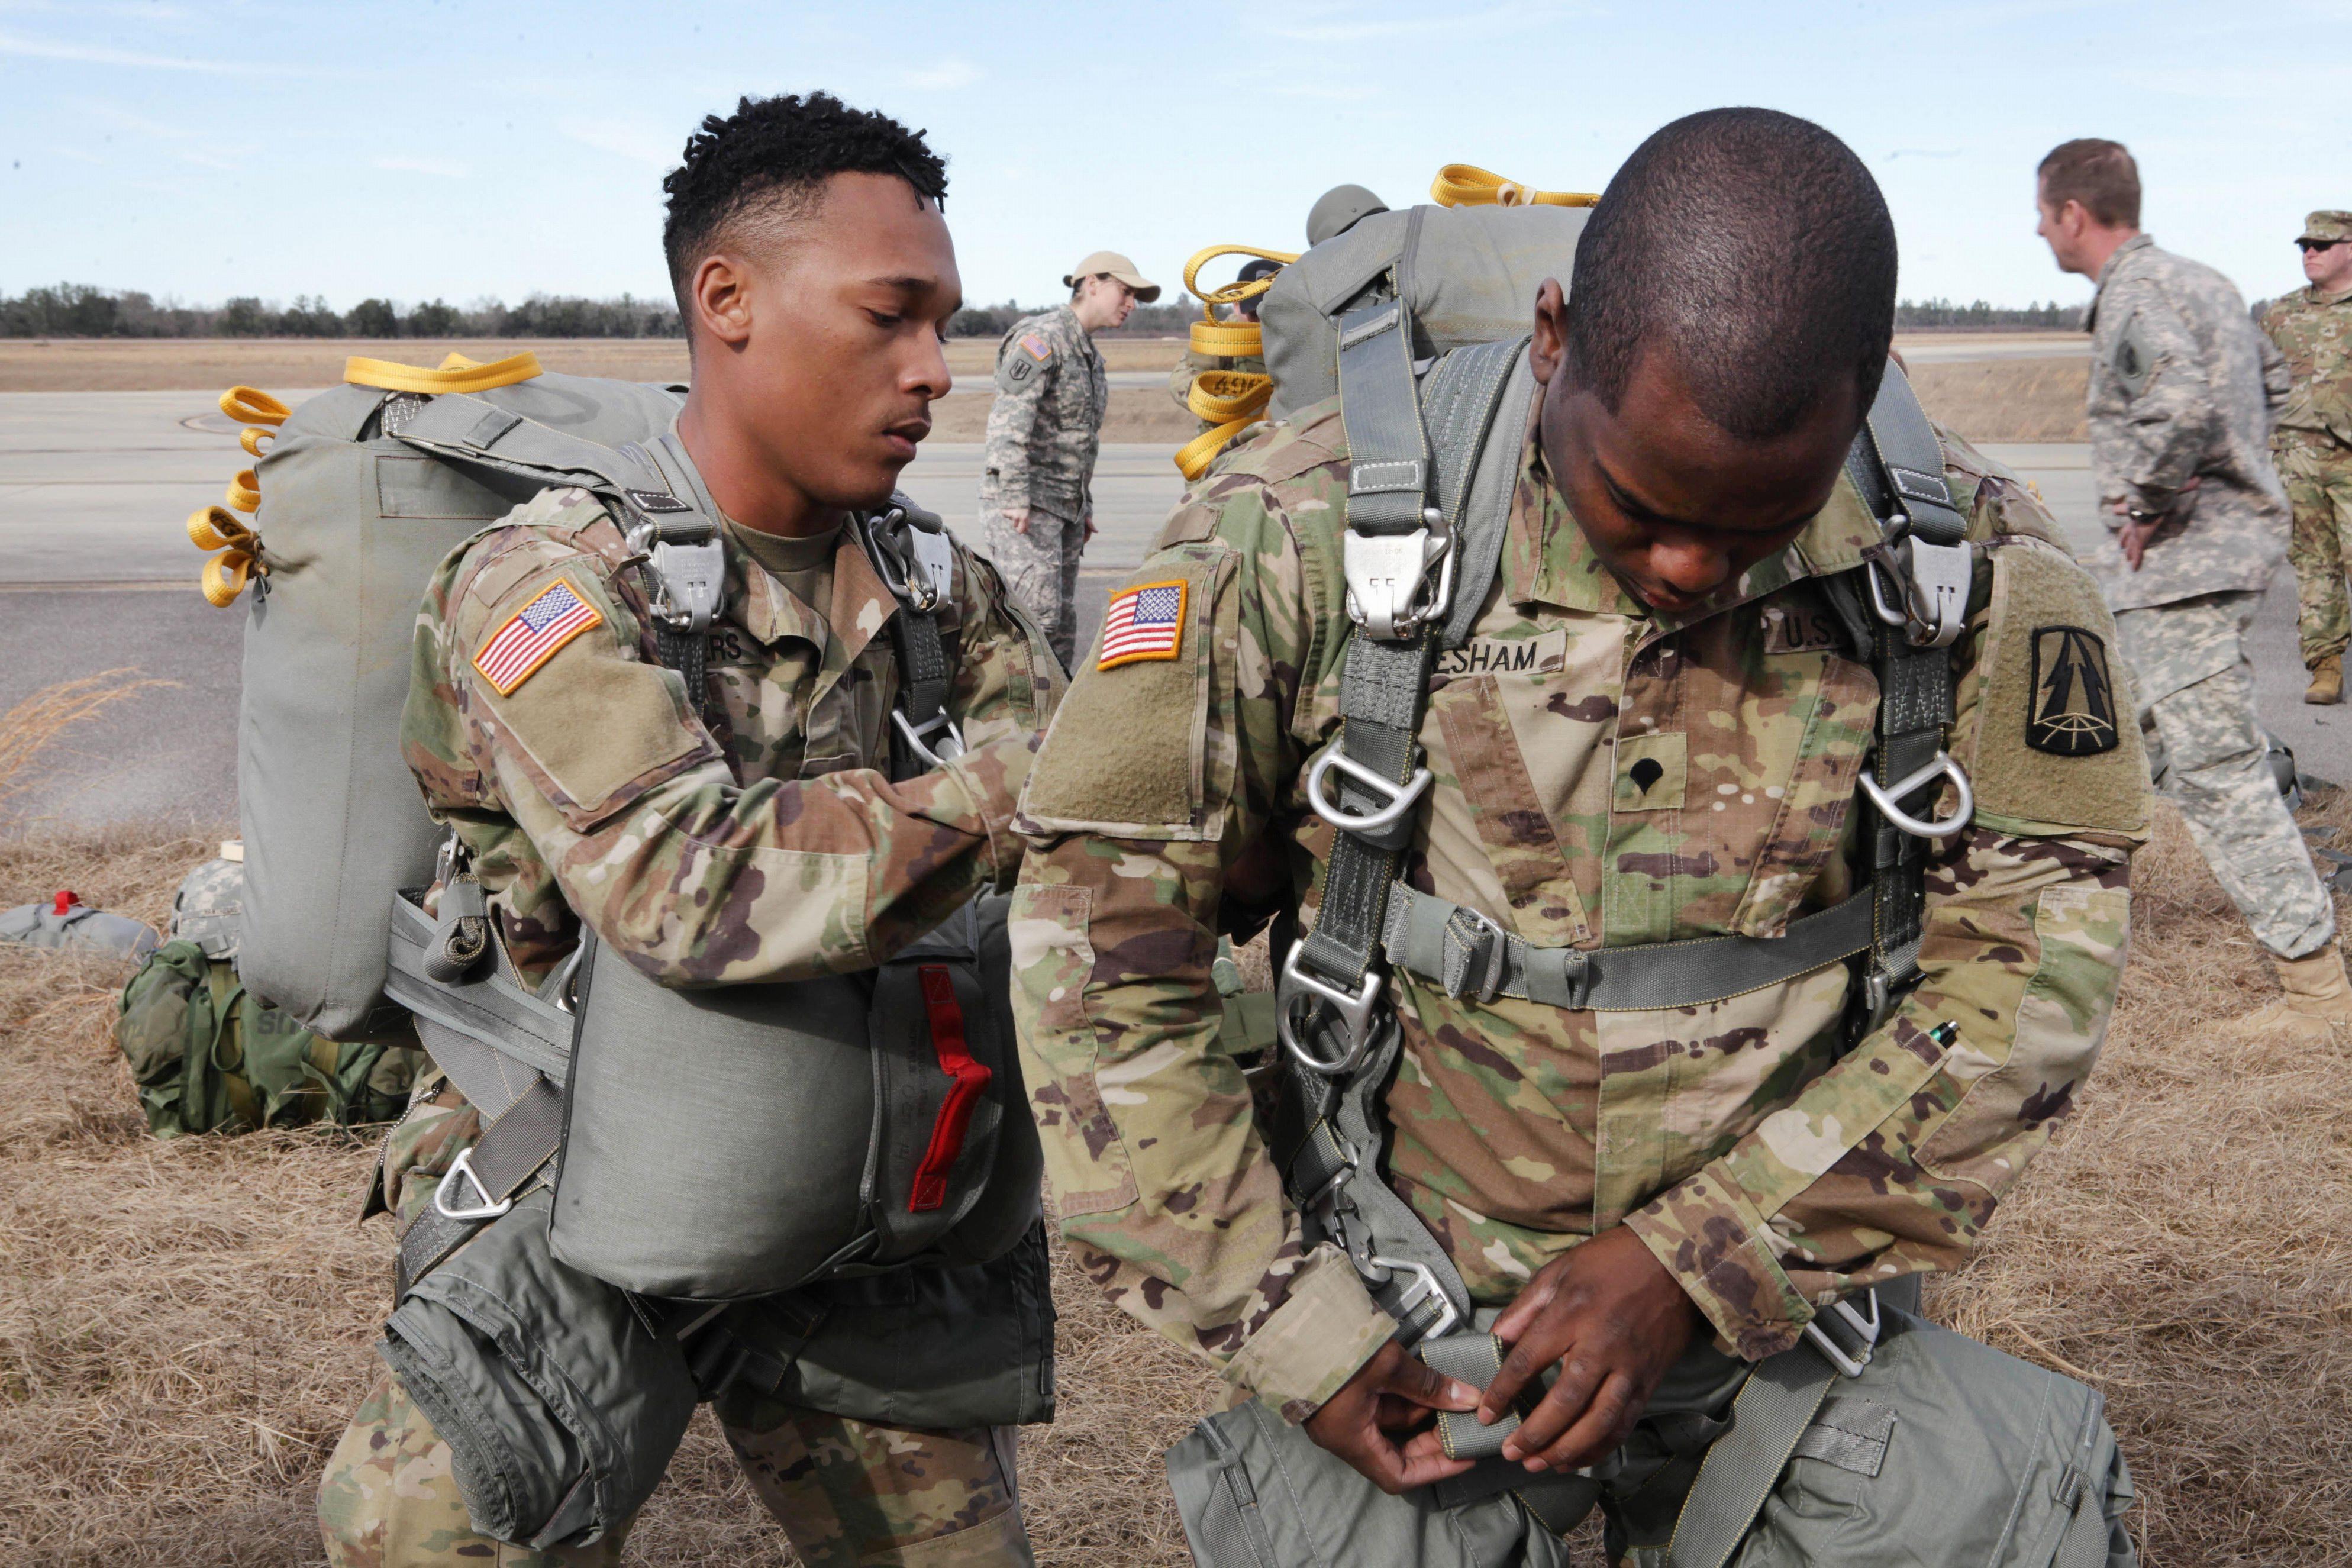 可以看到美军训练跳伞的步骤.